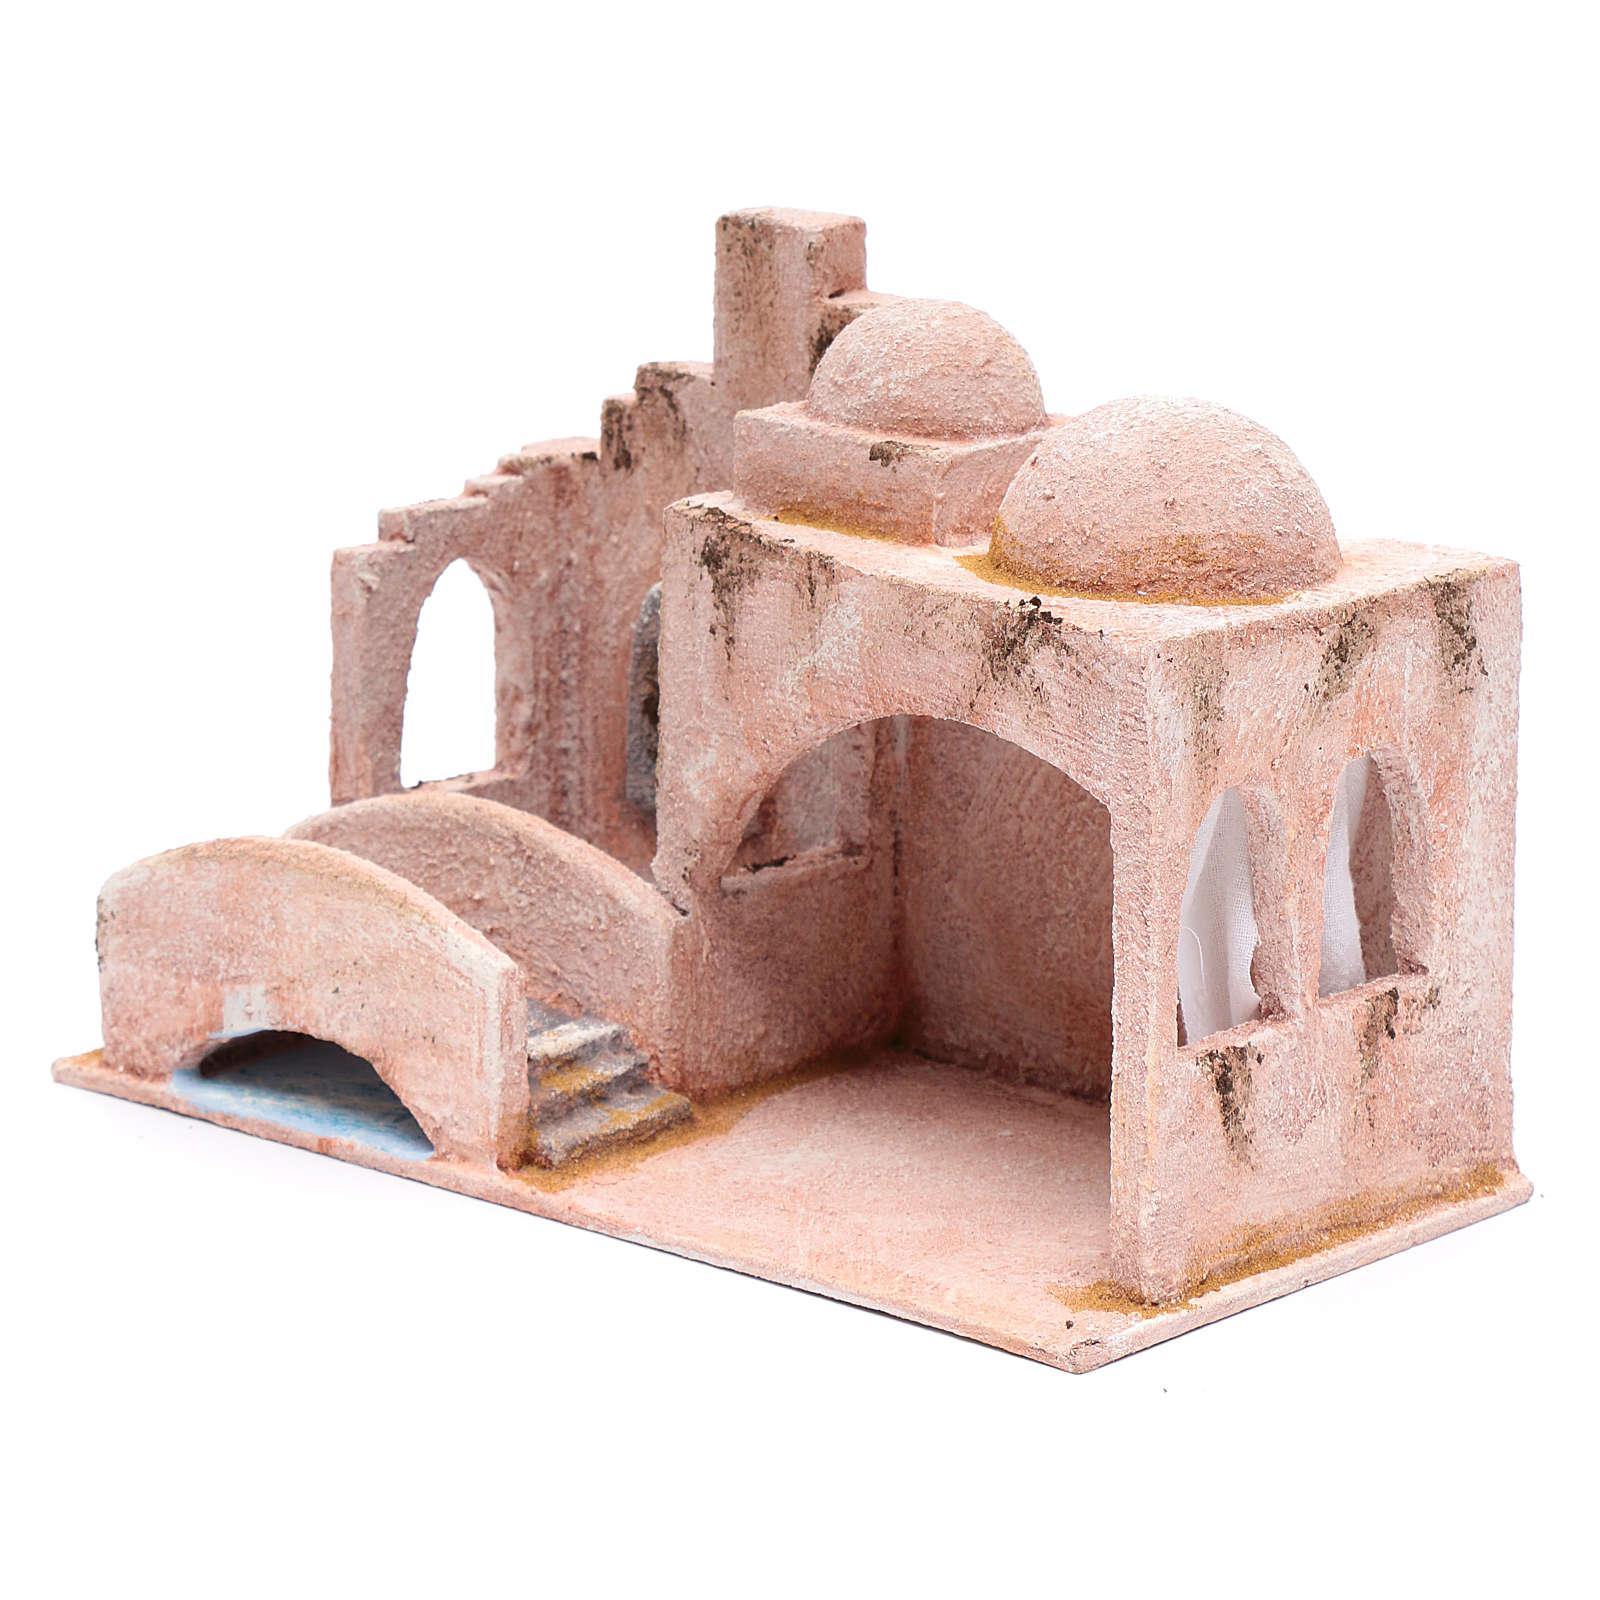 Cabaña de estilo árabe con estanque 18,5x29x15 cm 4